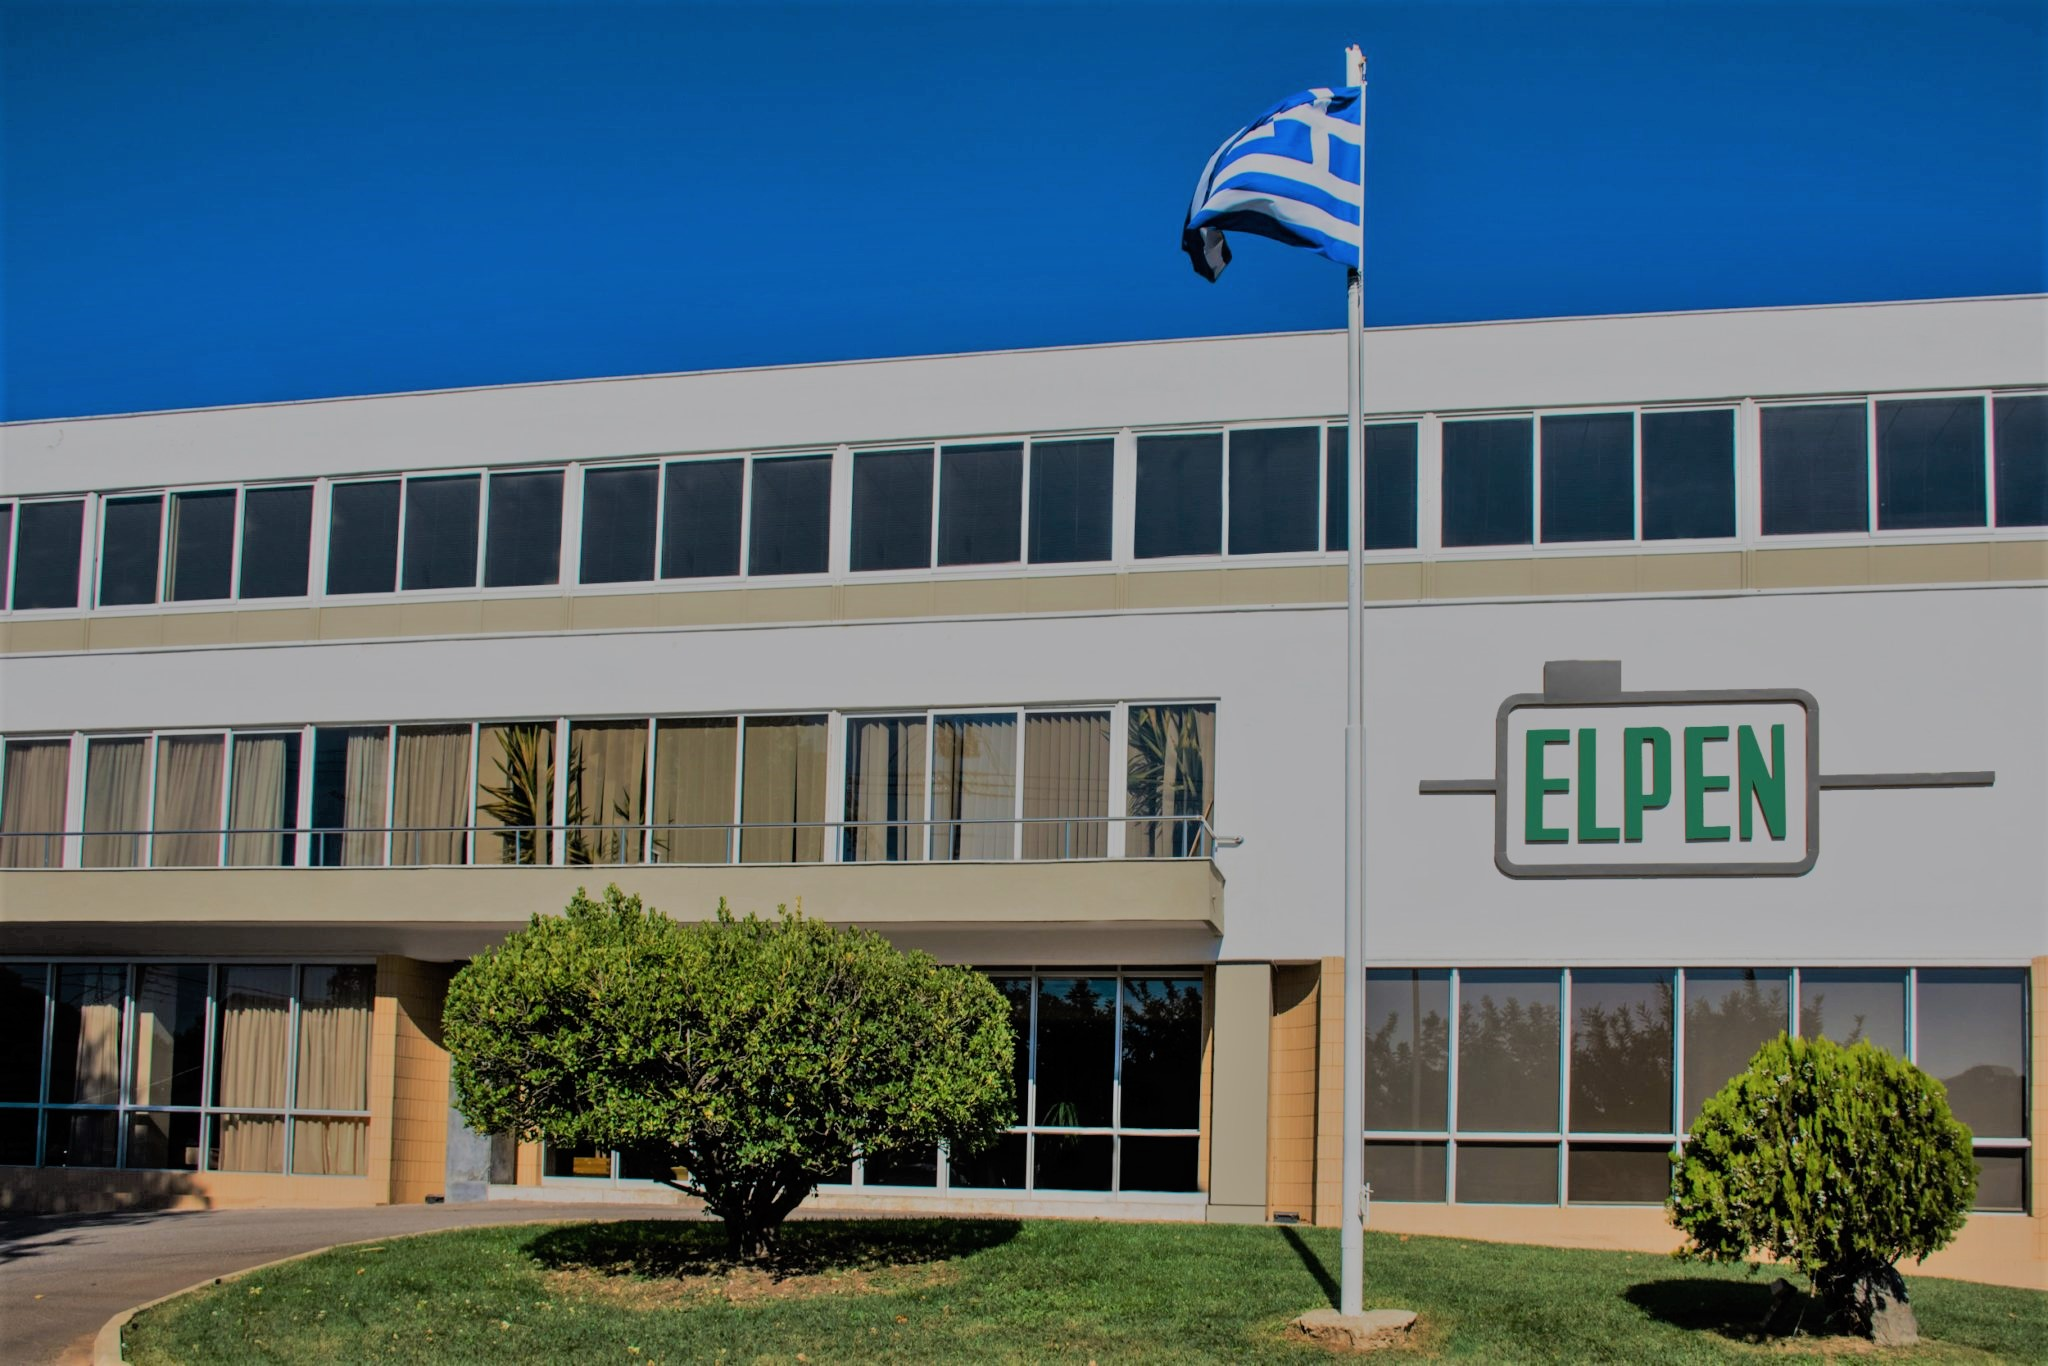 ELPEN:Επισκέφθηκε ο Υφυπουργός Ανάπτυξης Χρίστος Δήμας